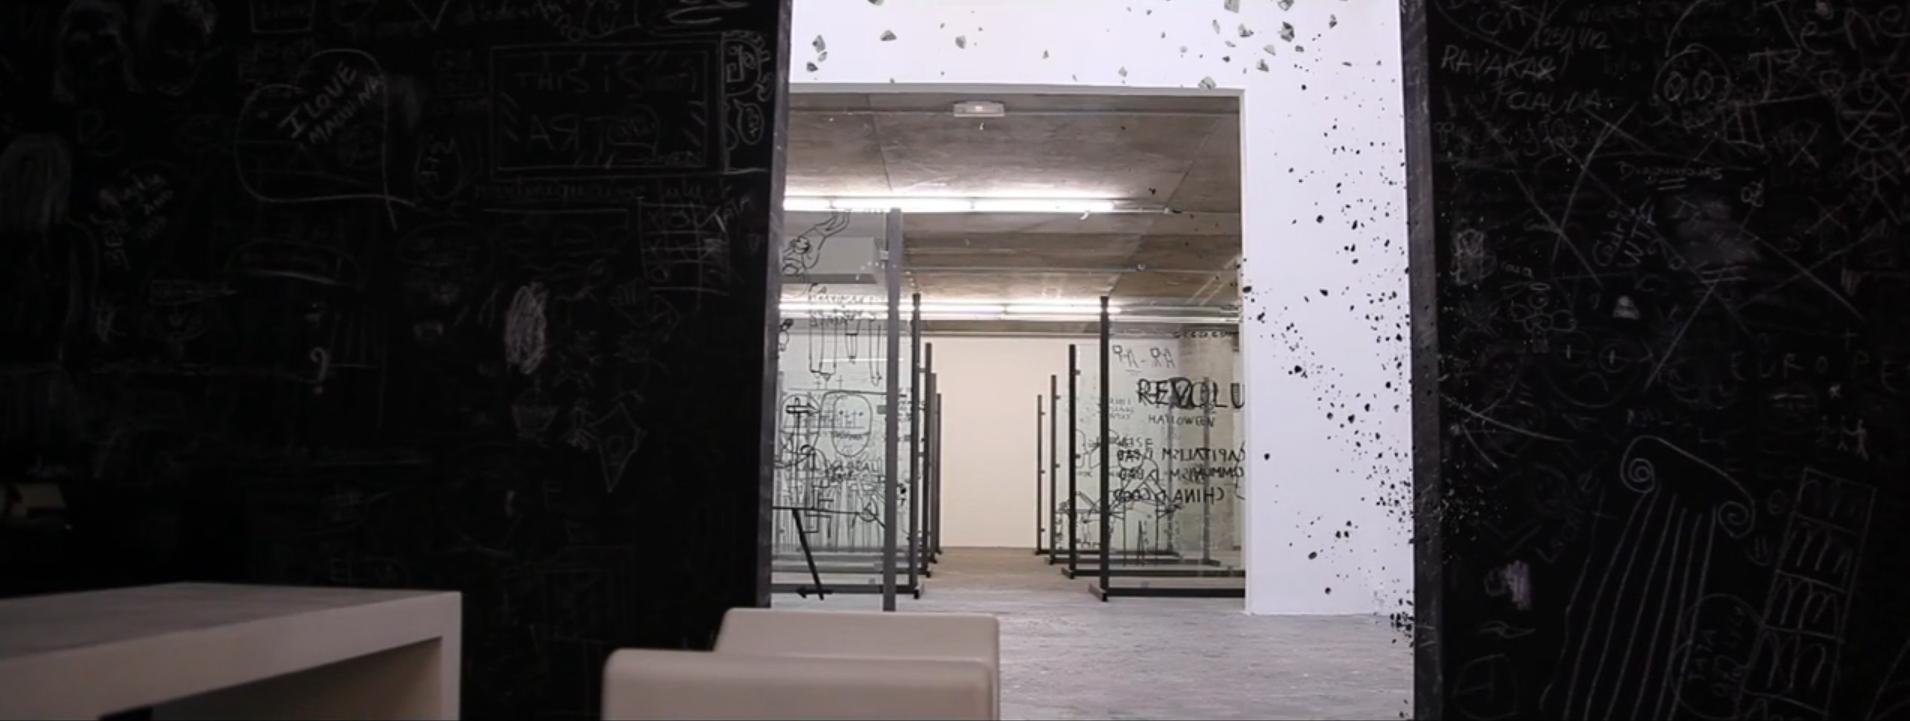 Particules de Touraine par Studio Dripmoon